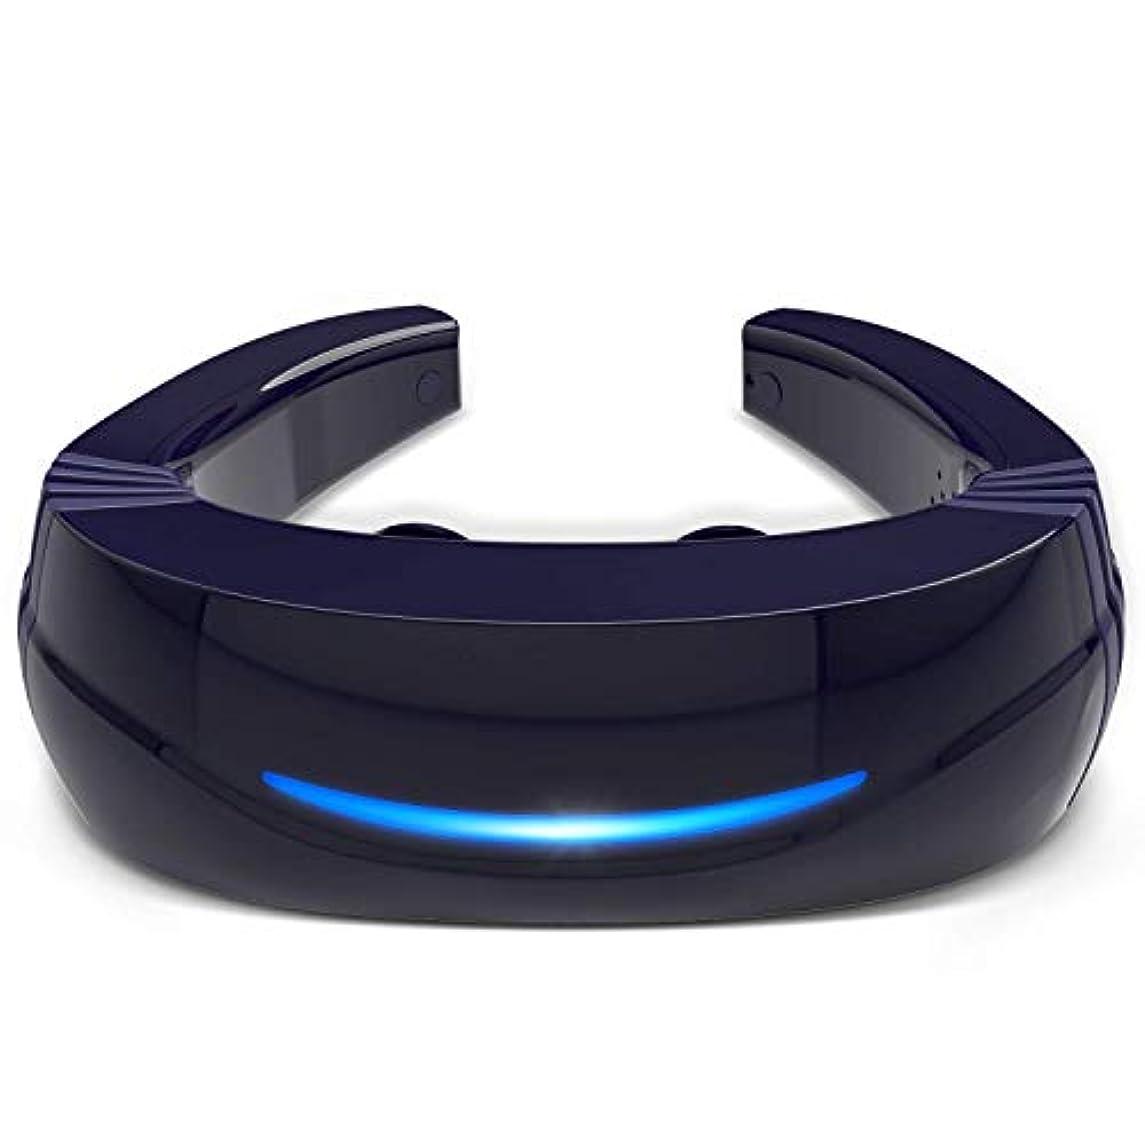 複合パン屋したがってHipoo ネックマッサージャー 首マッサージ 低周波 マッサージ器 ストレス解消 USB充電式 日本語説明書 電極パッド2つ付き 音声式